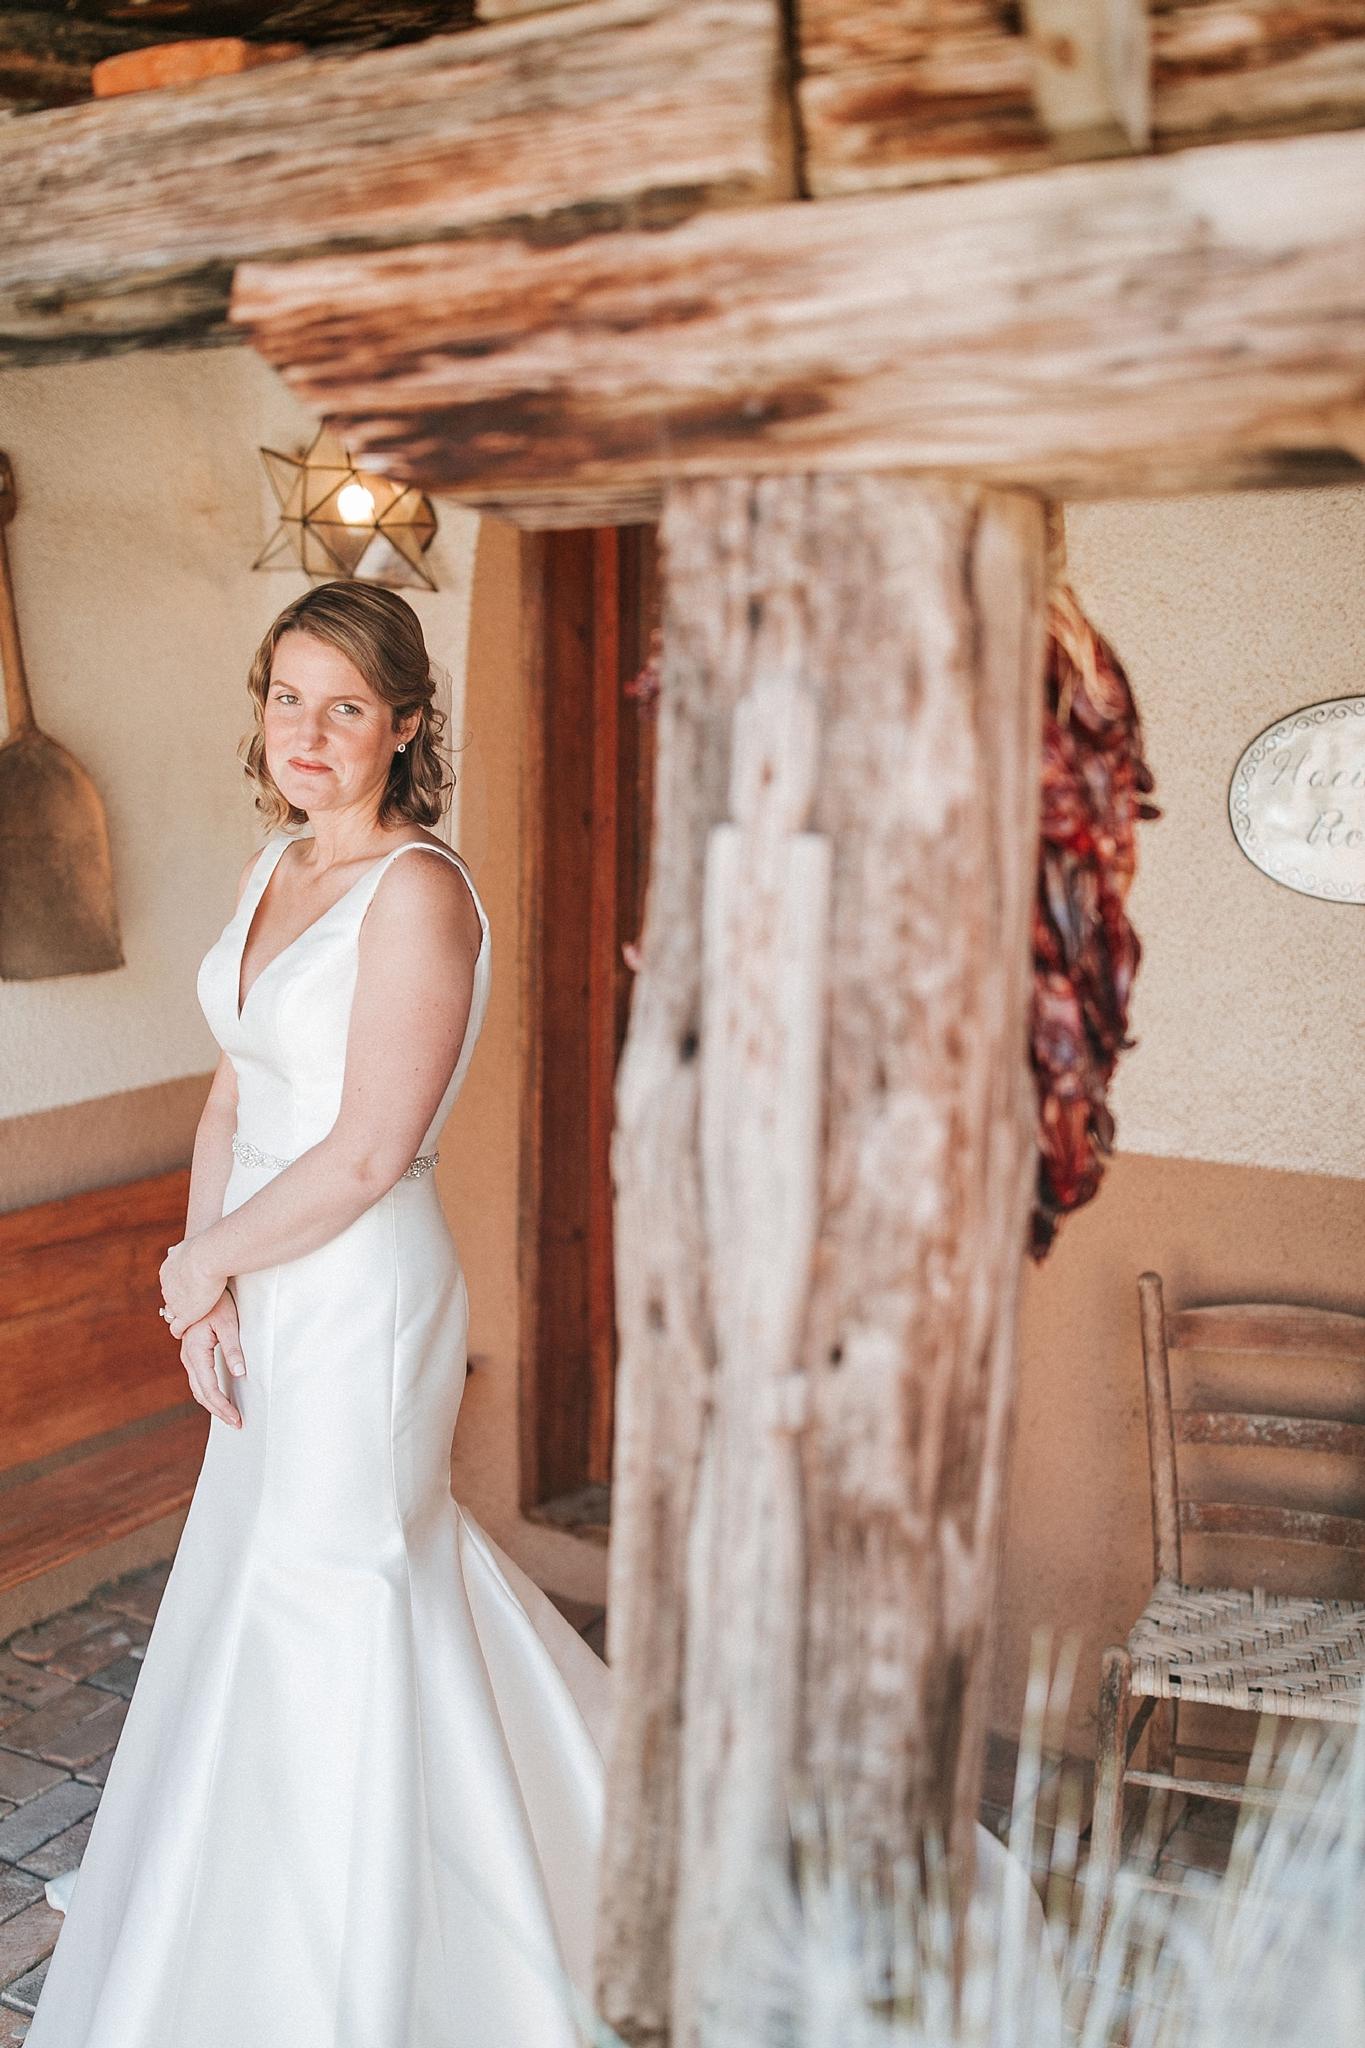 Alicia+lucia+photography+-+albuquerque+wedding+photographer+-+santa+fe+wedding+photography+-+new+mexico+wedding+photographer+-+new+mexico+wedding+-+wedding+photographer+-+wedding+photographer+team_0015.jpg